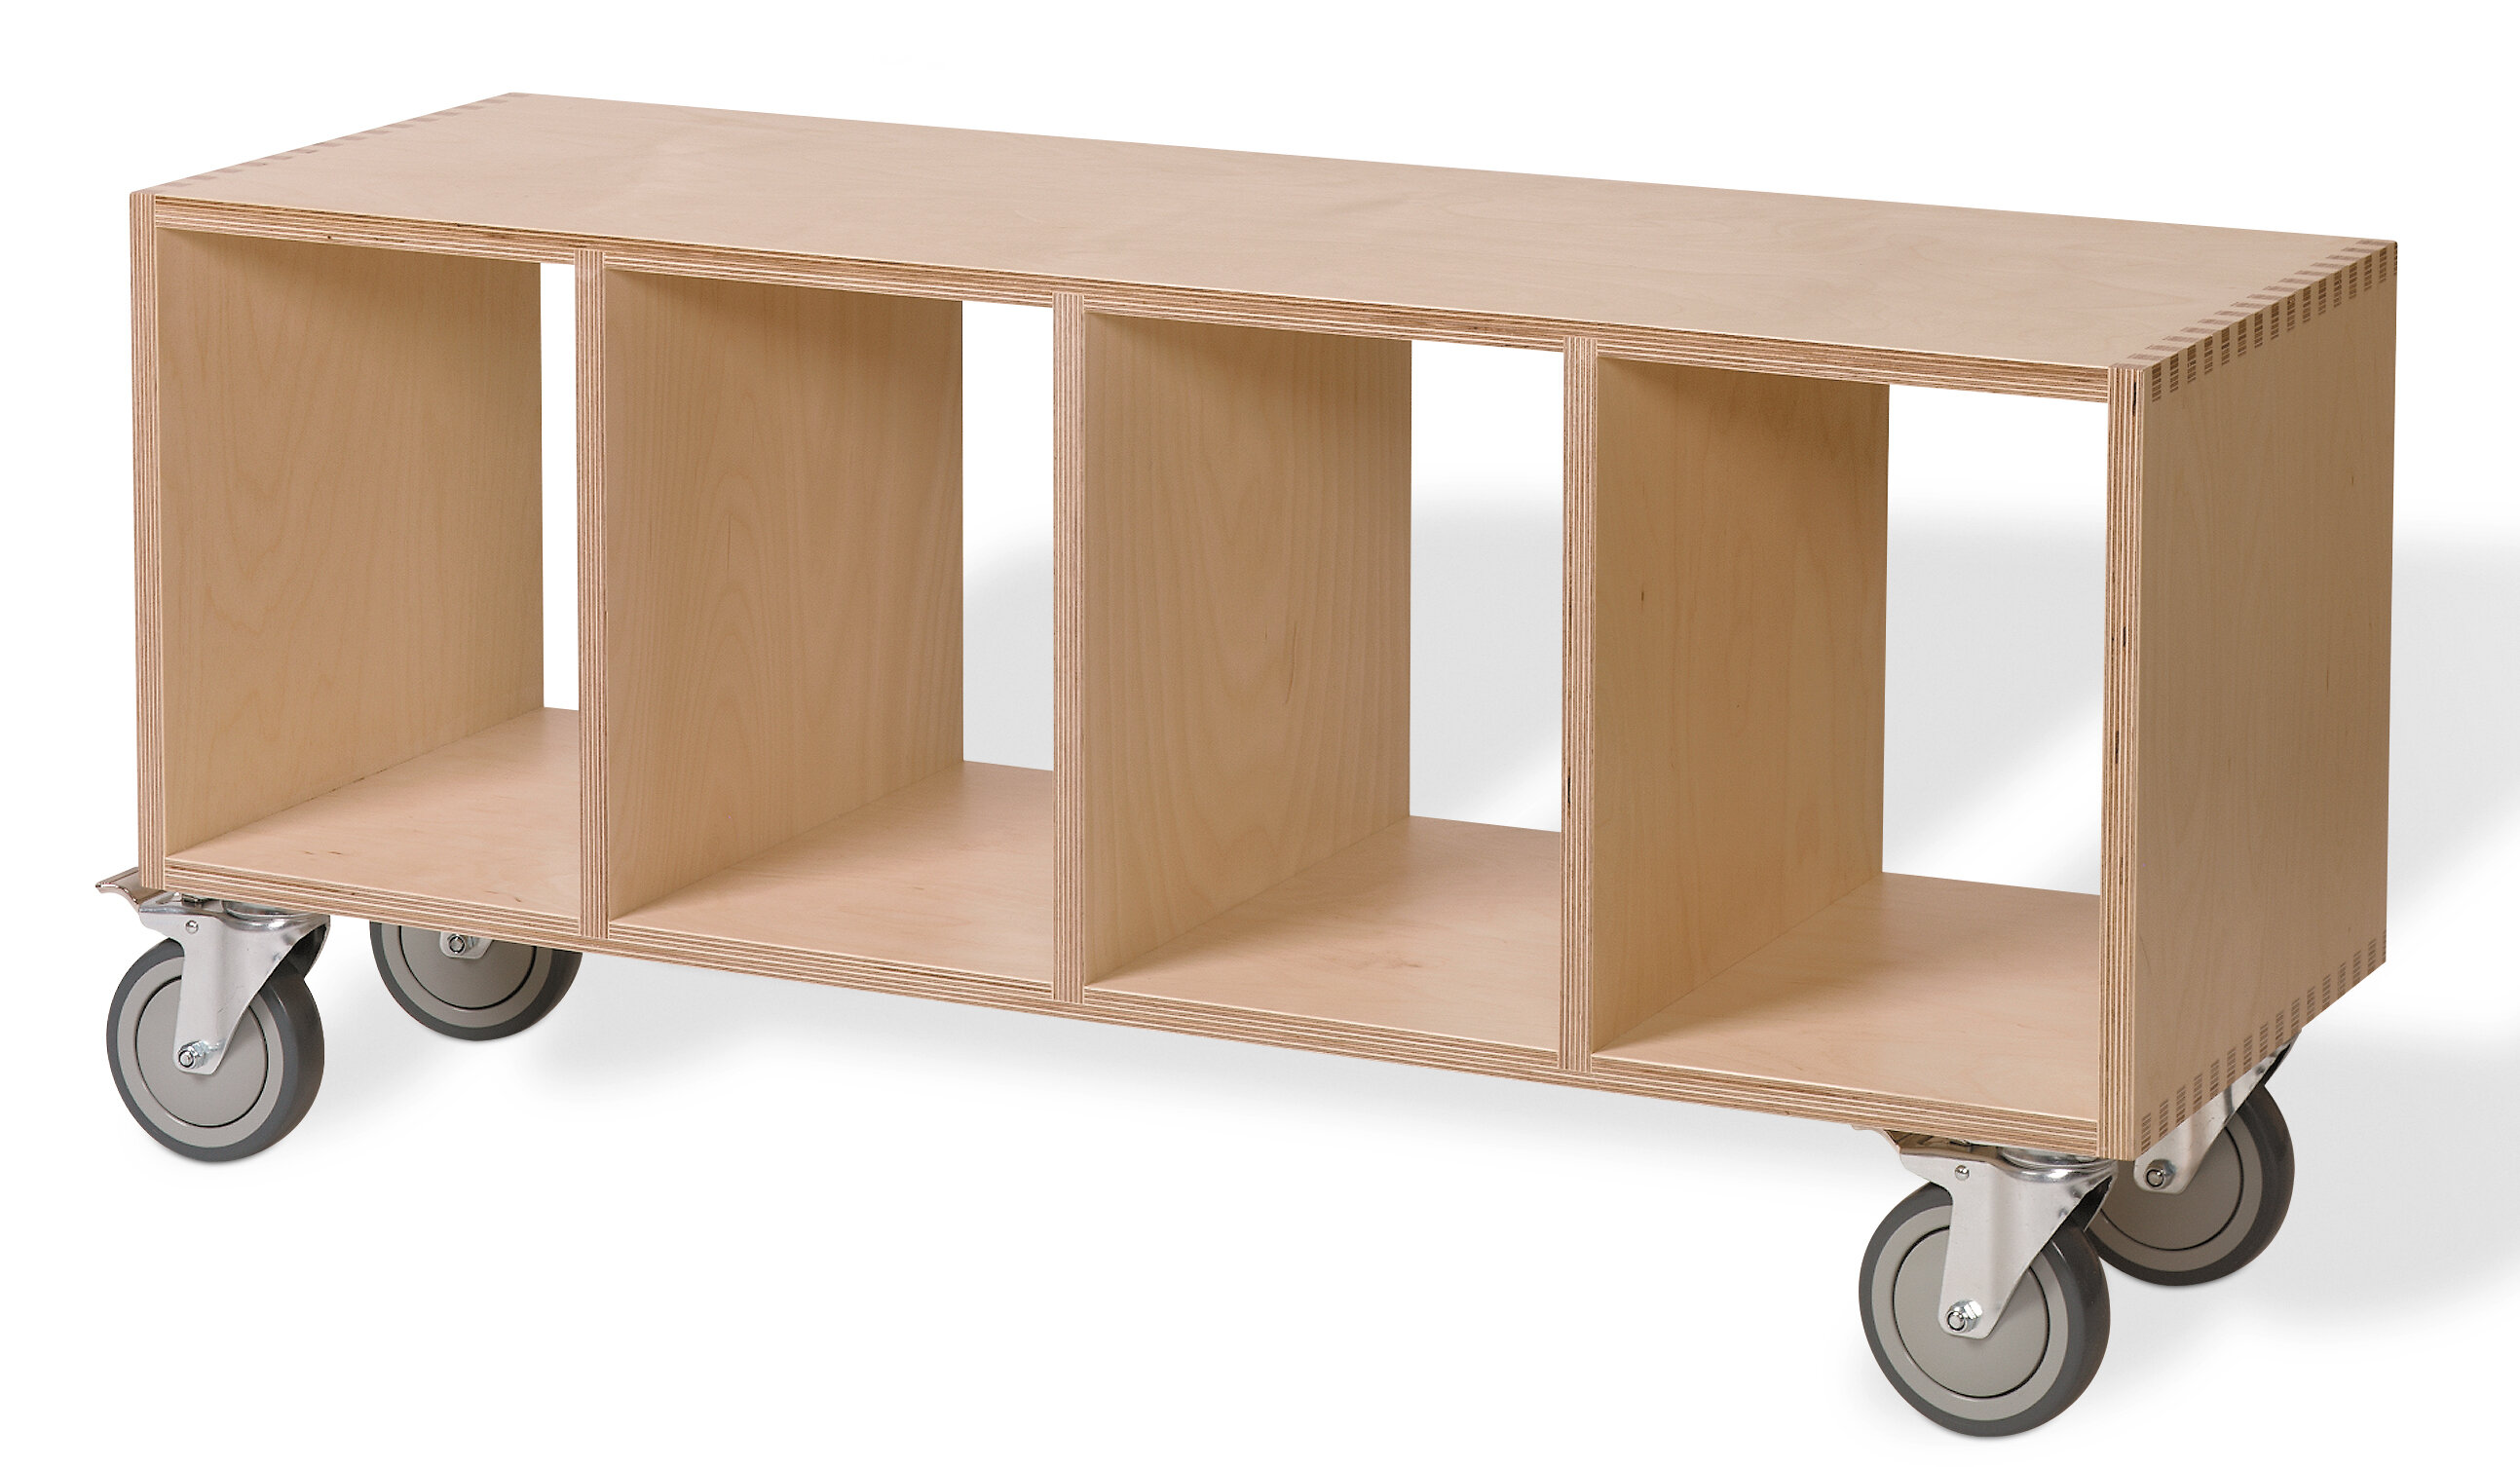 Offi Birch Plywood Storage Bench | Wayfair